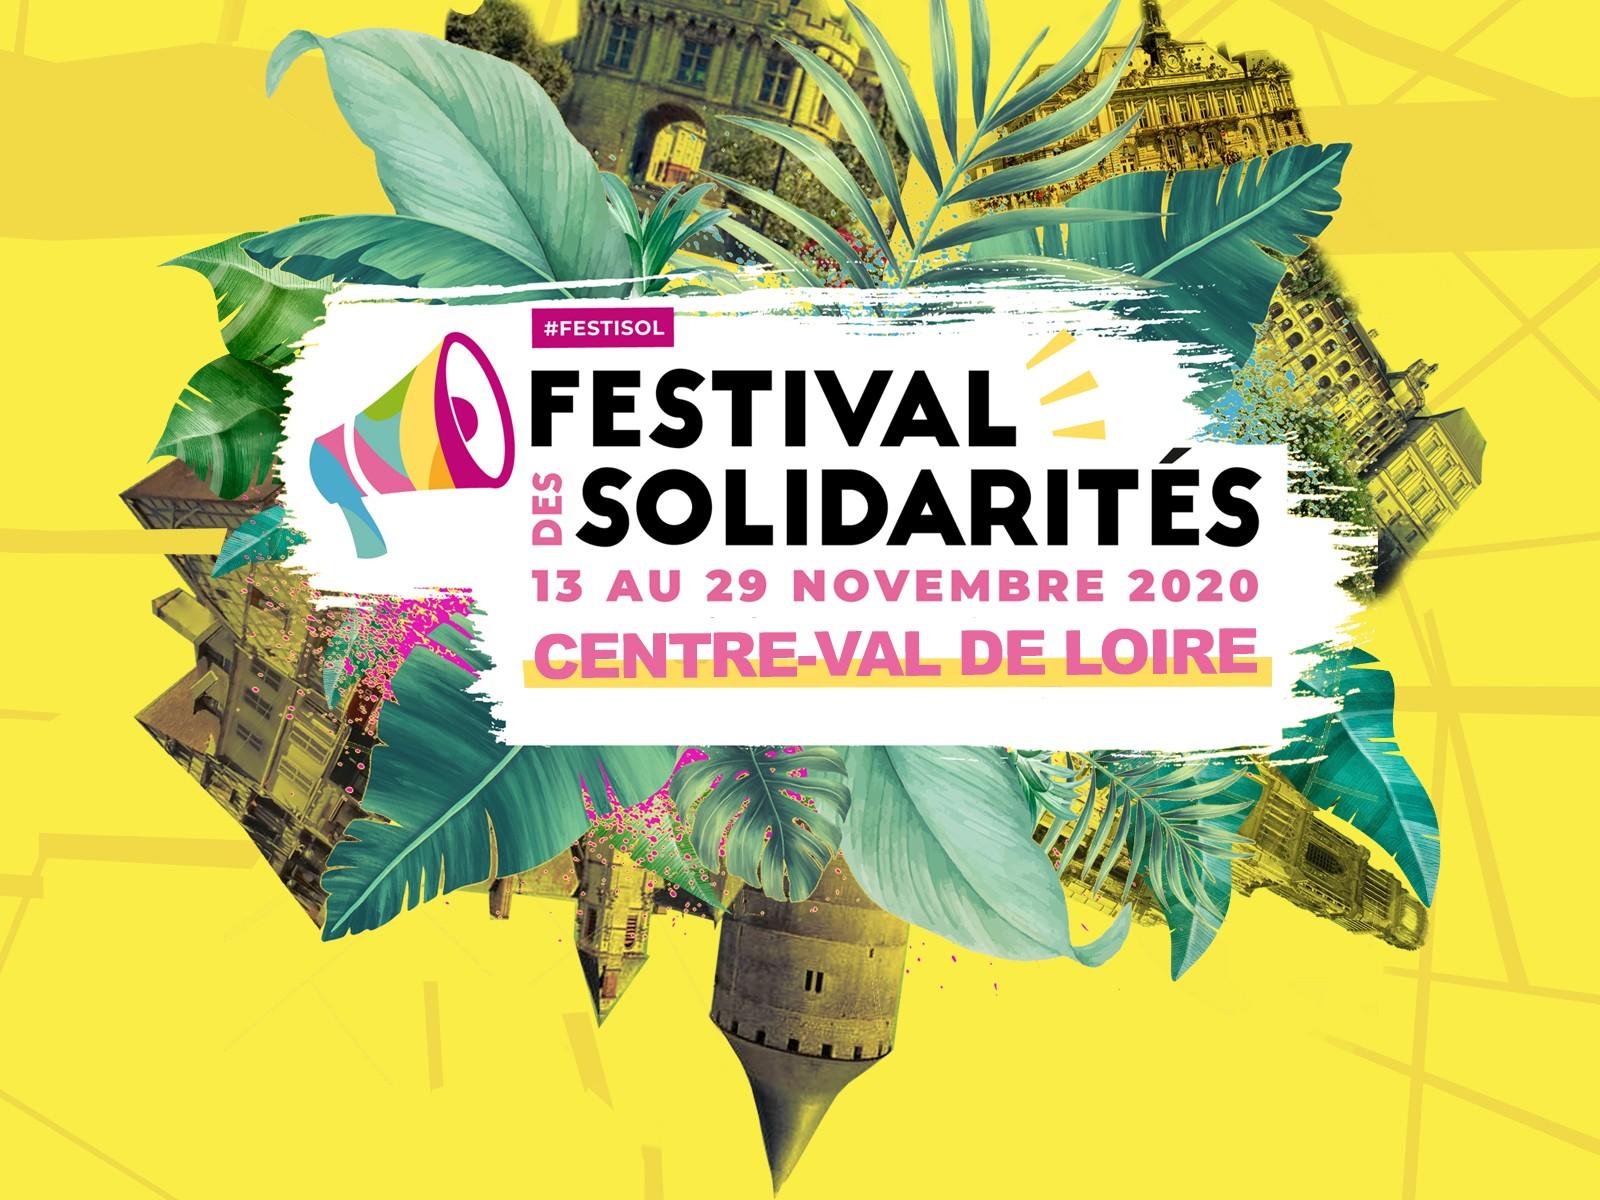 Festival des Solidarités en Centre-Val de Loire